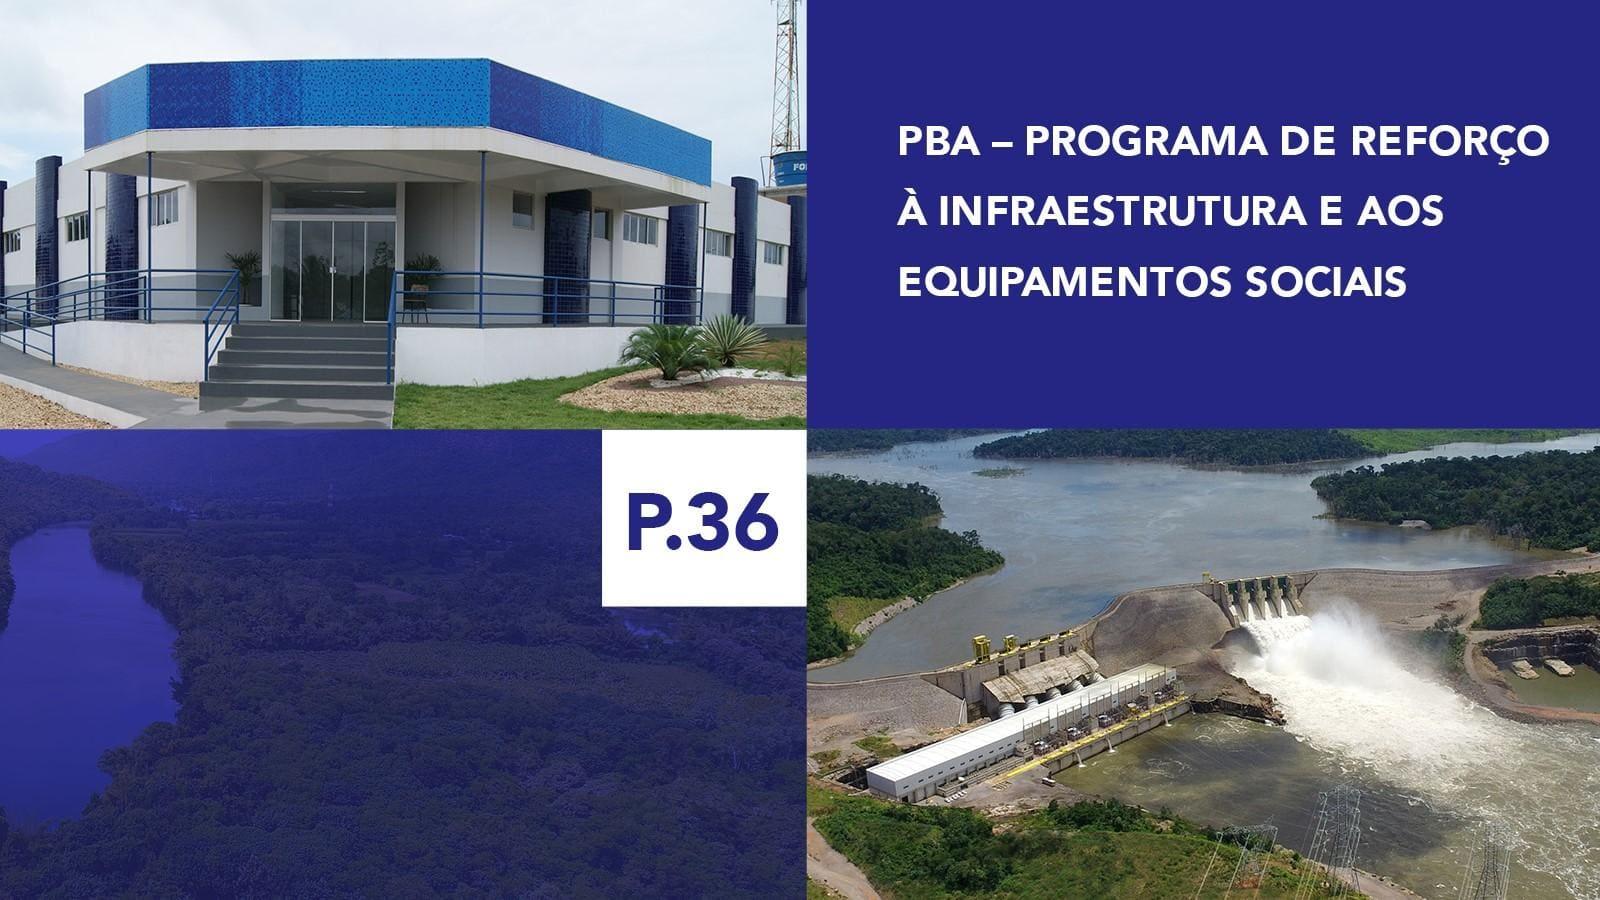 P.36 - Programa de Reforço à Infraestrutura e aos Equipamentos Sociais